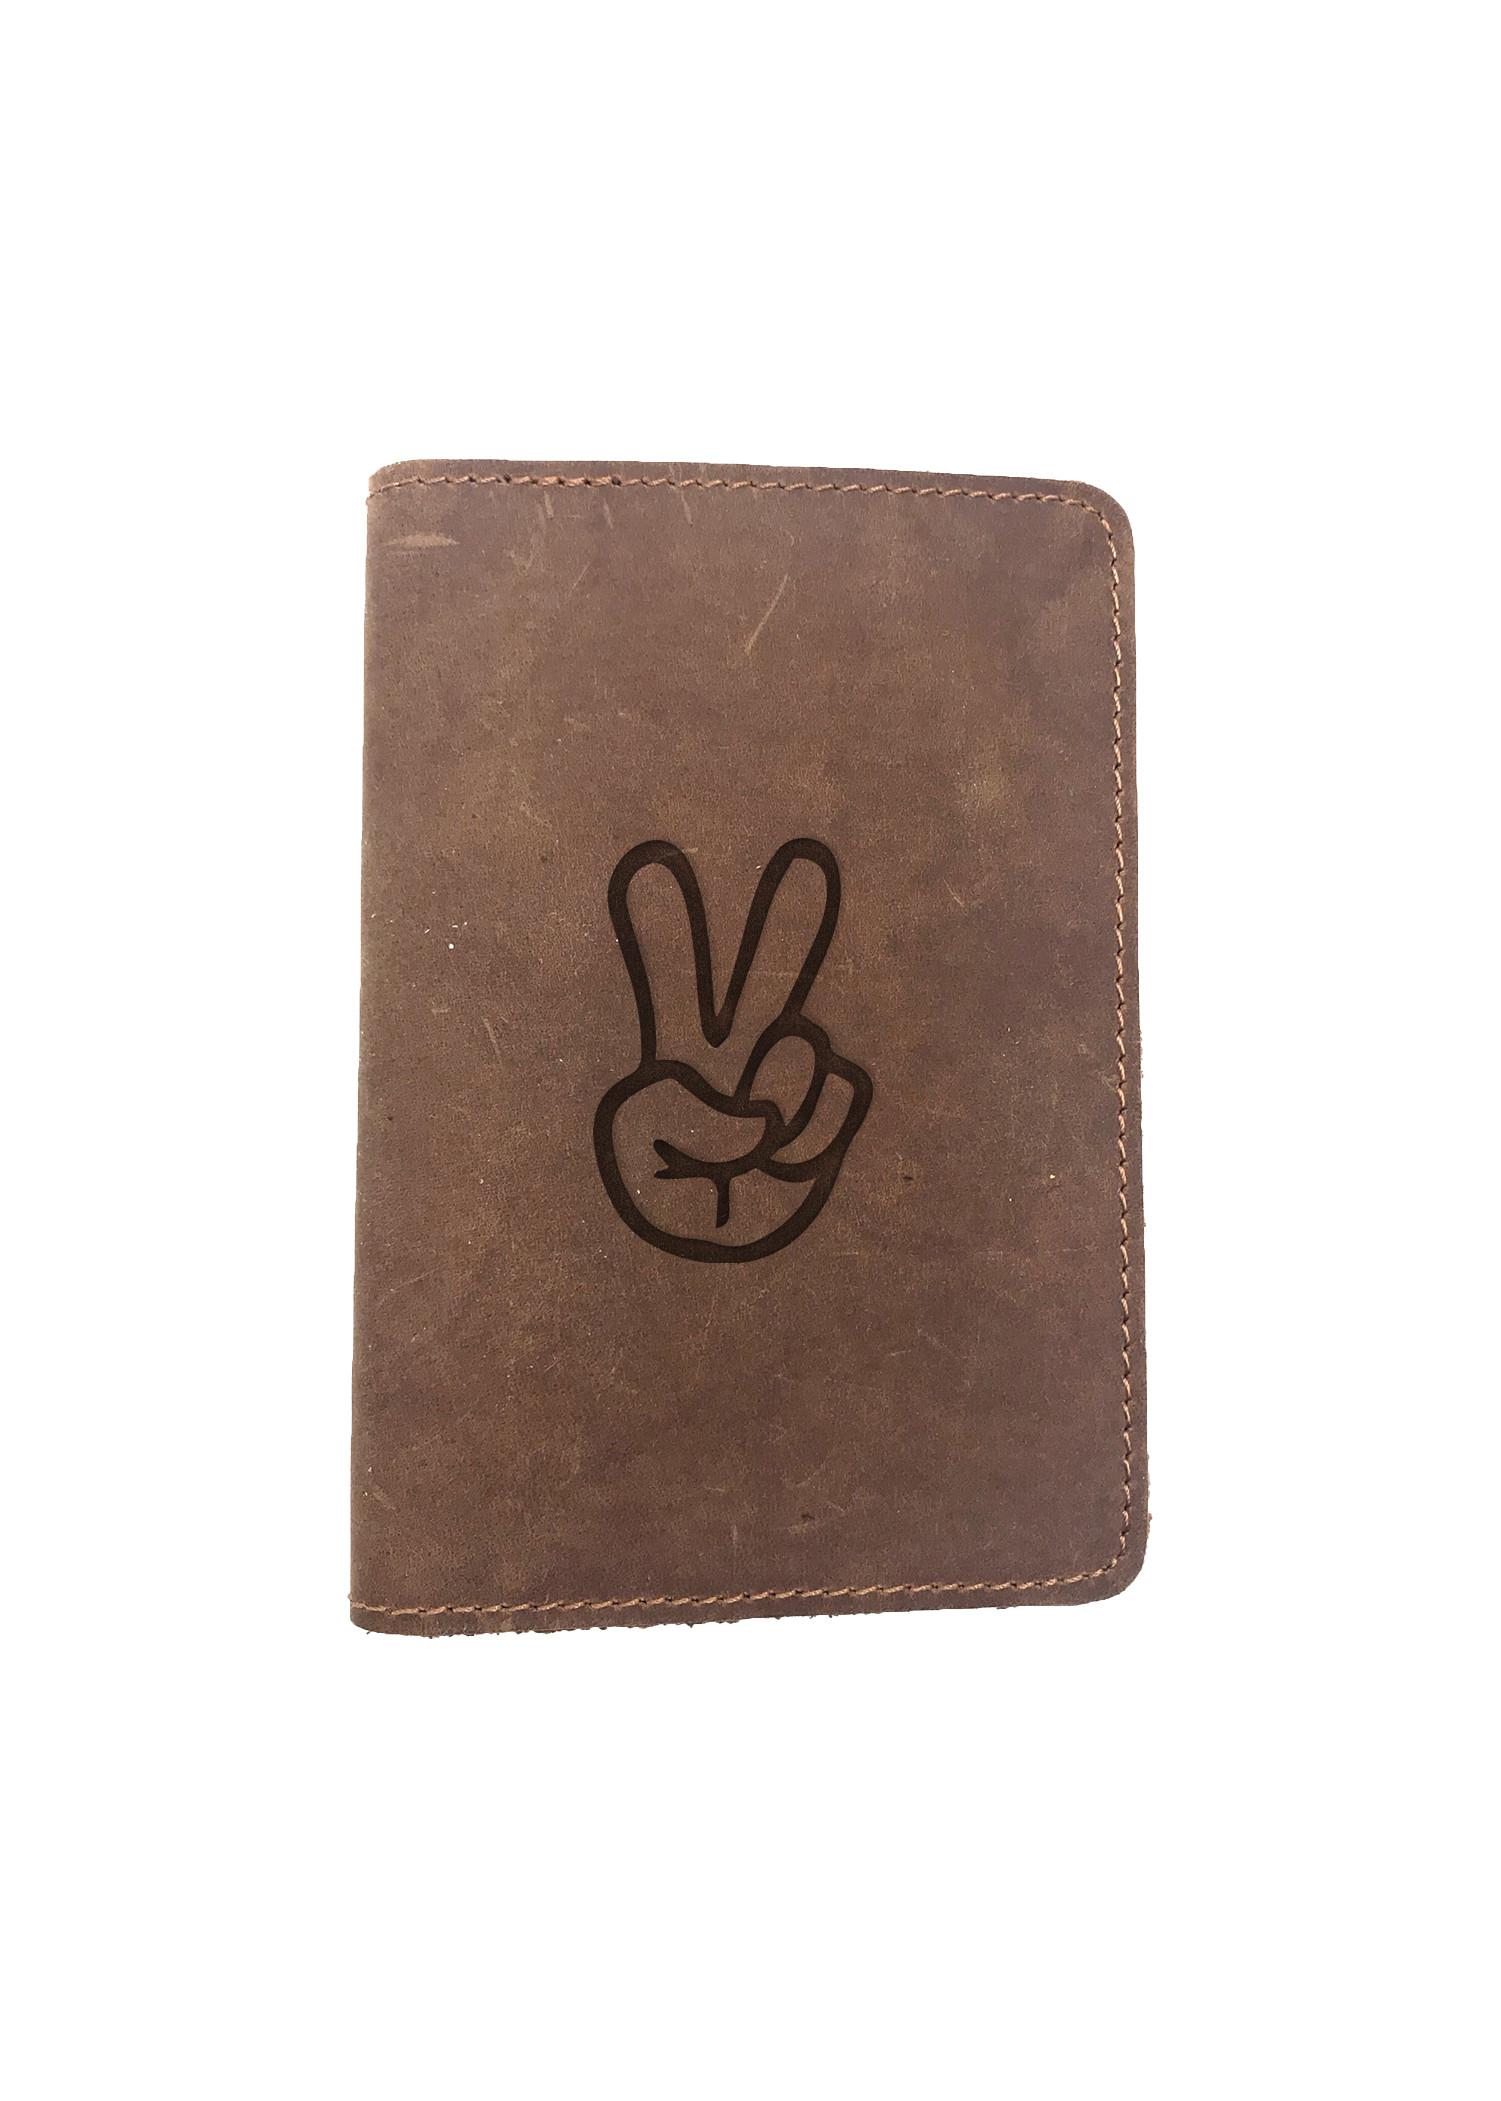 Passport Cover Bao Da Hộ Chiếu Da Sáp Khắc Hình Bàn tay PANTY DROPPER (BROWN)